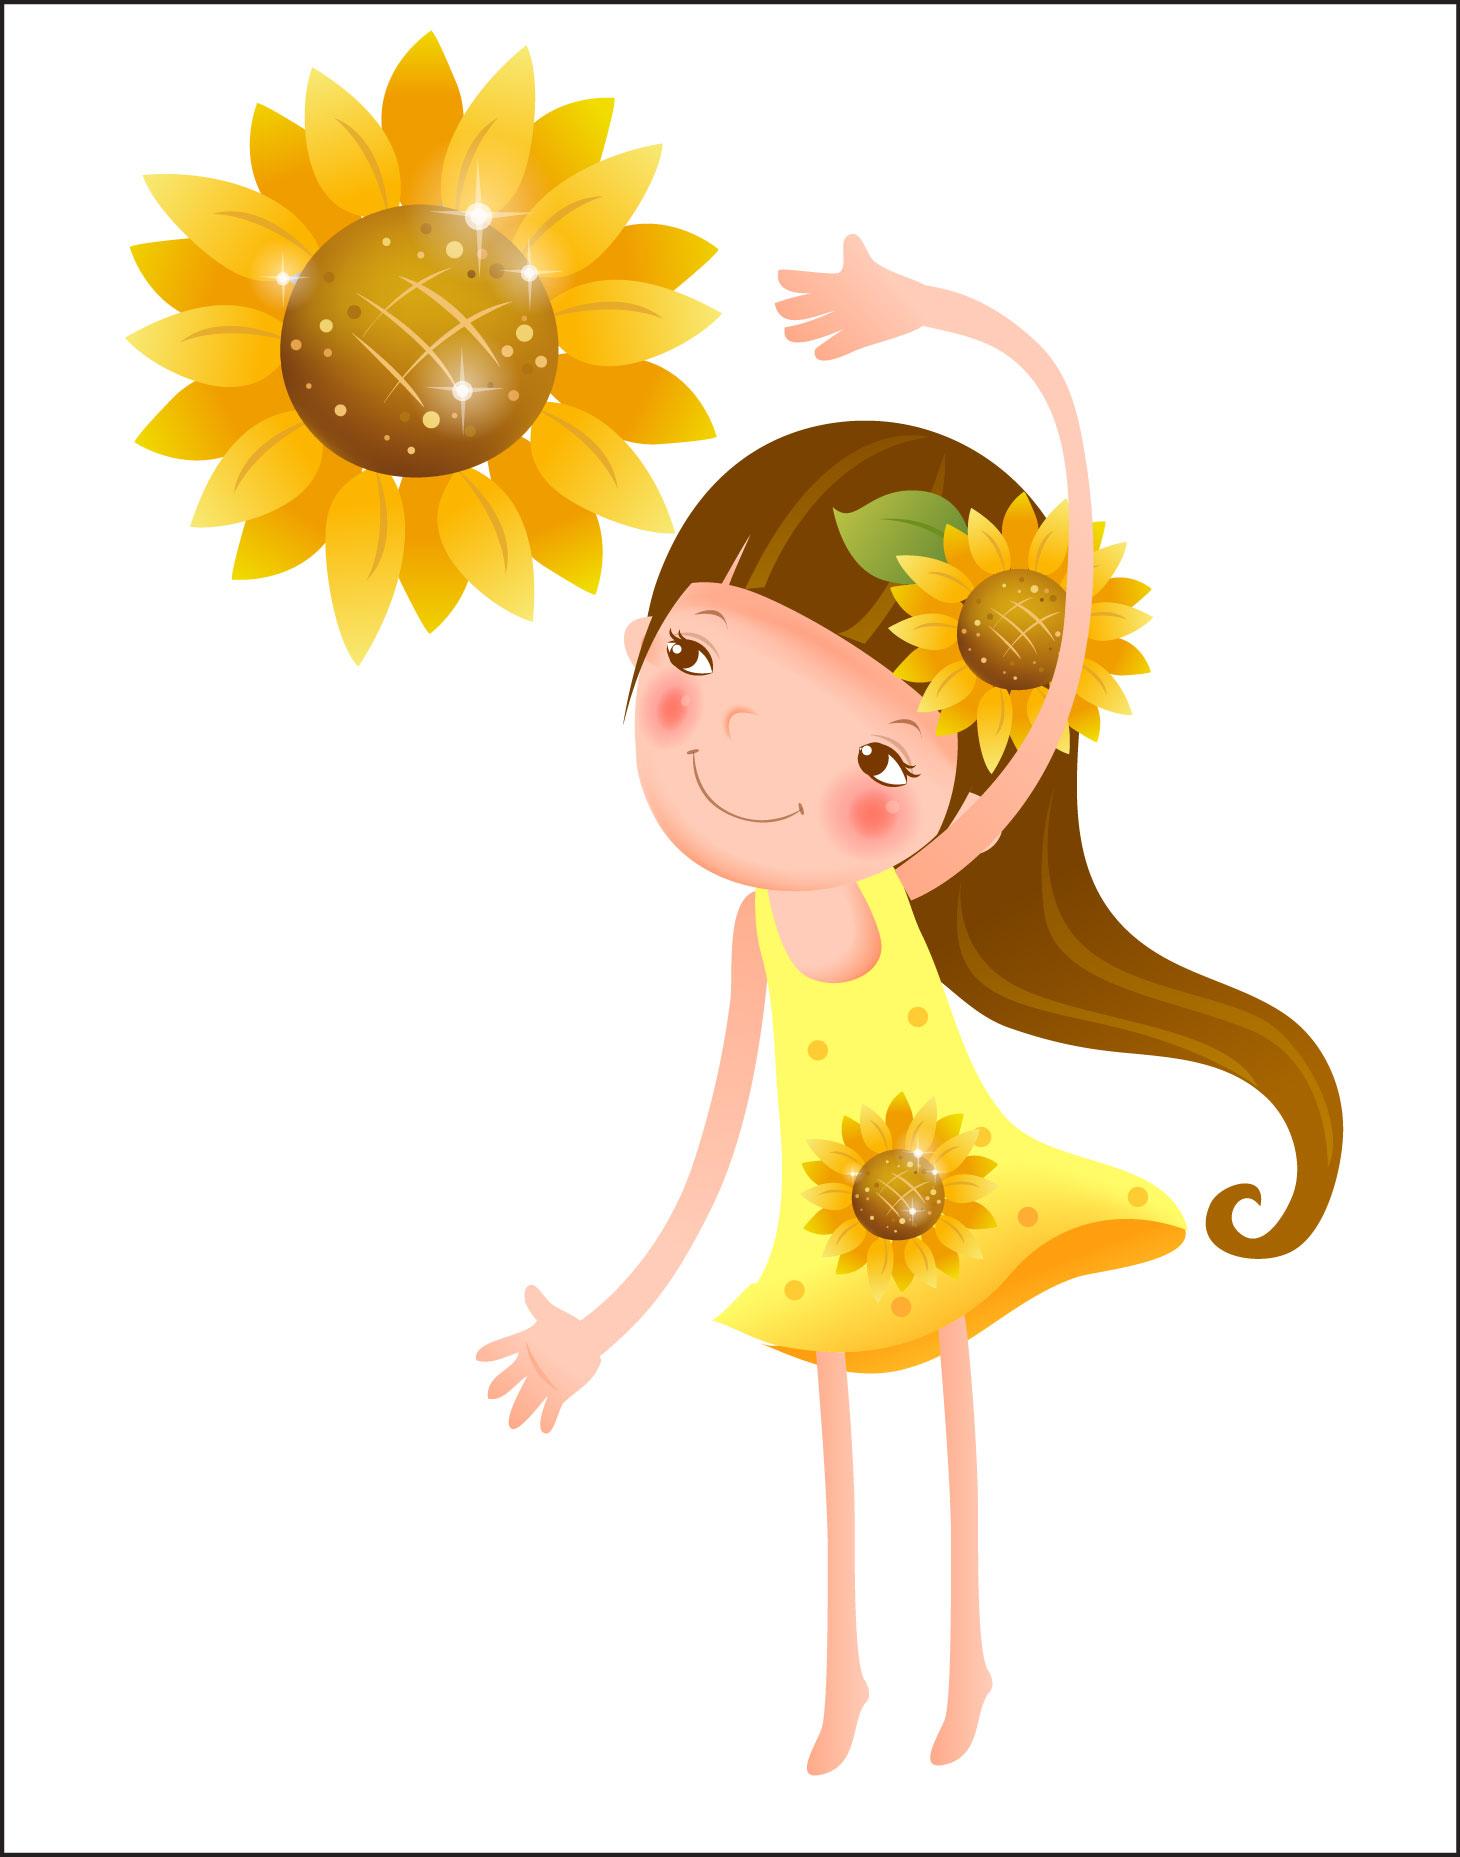 求多张有动漫人物的画,背景要有阳光,类似于阳光下成长的